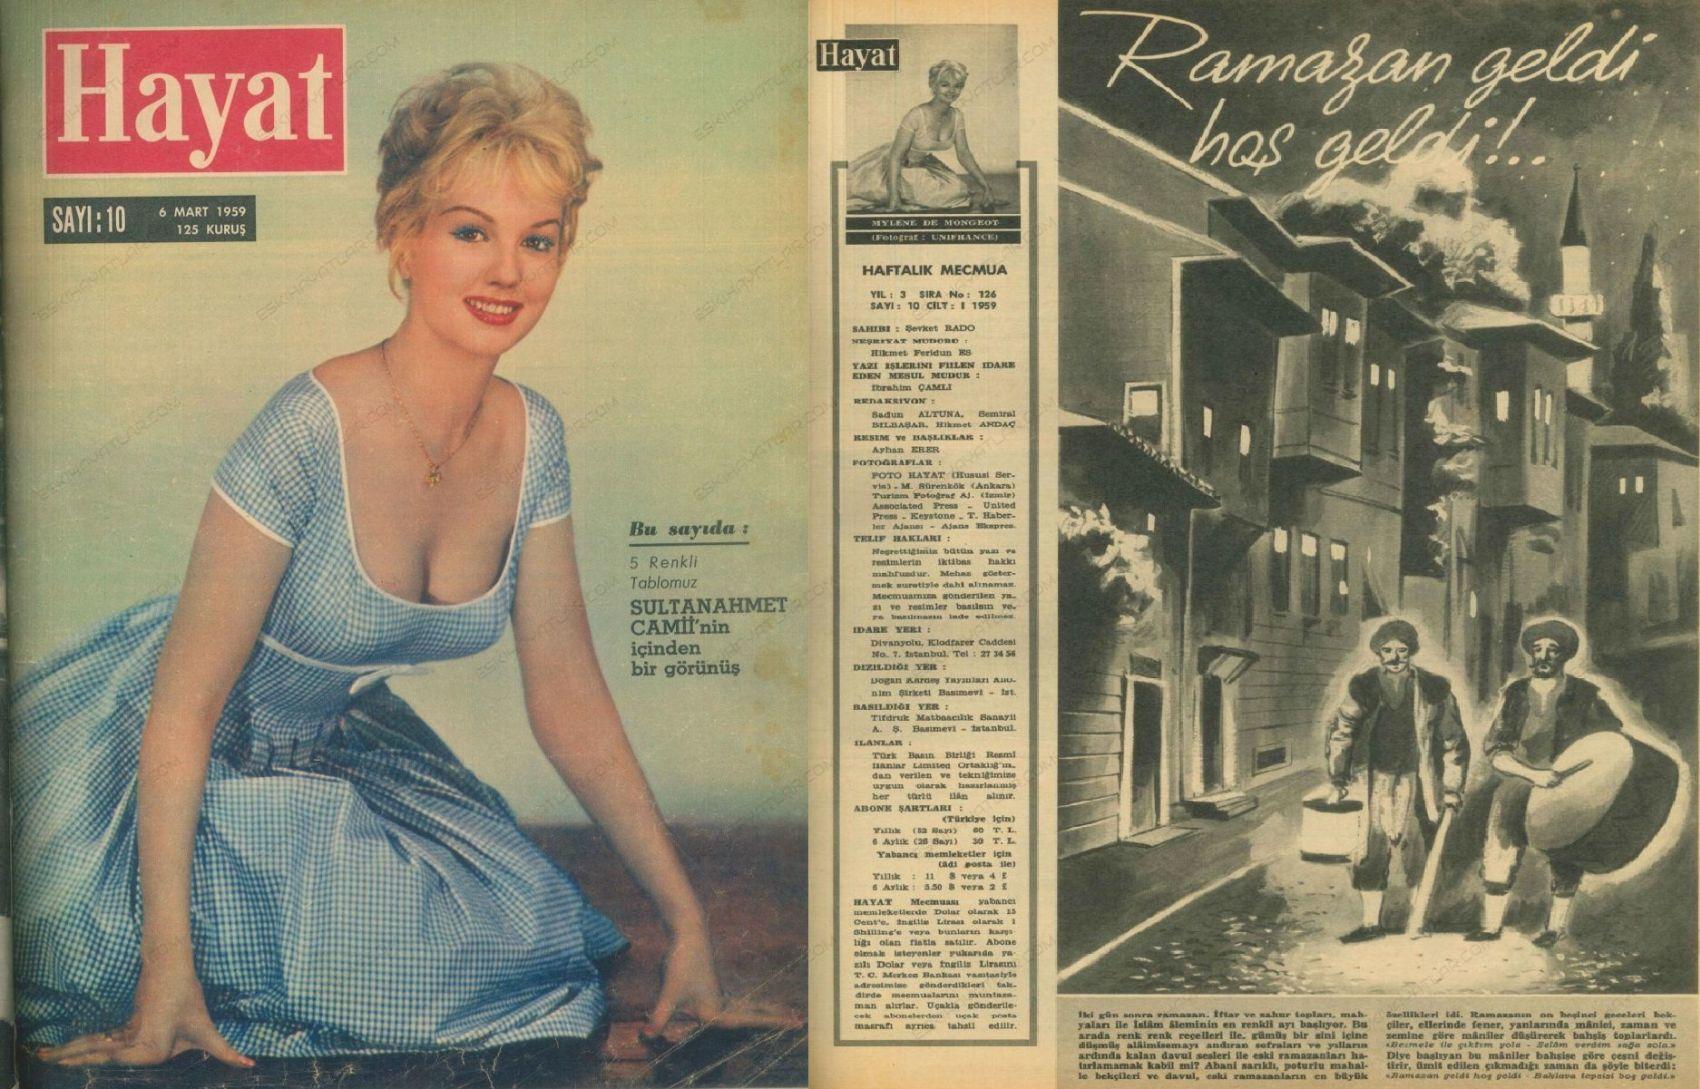 0378-mylène-demongeot-1959-hayat-dergisi-orhan-tahsin-ergin-minisker (2)